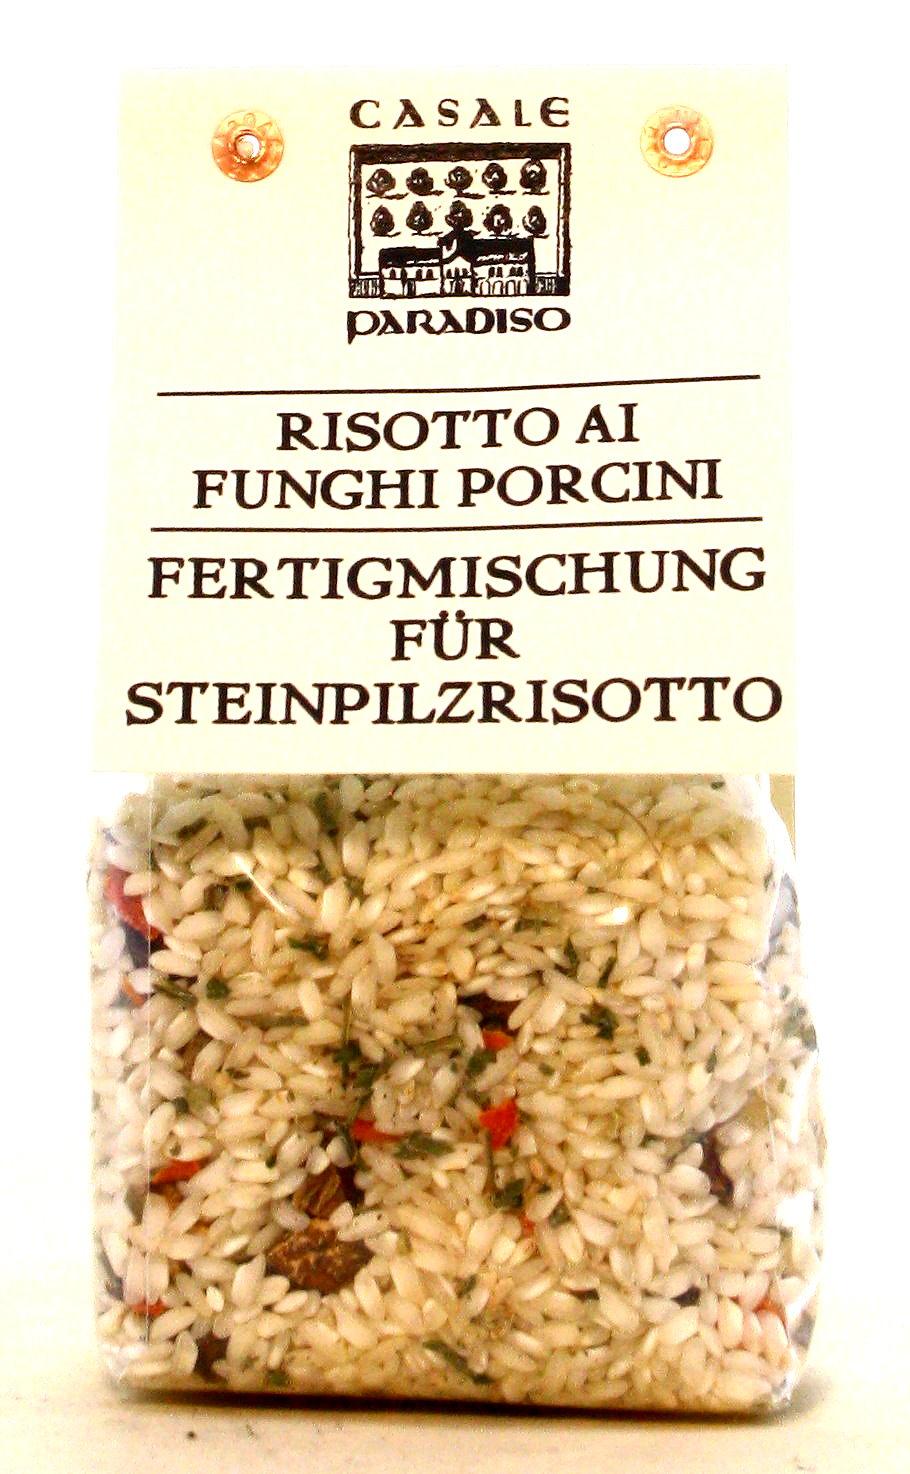 Risotto ai Funghi Porcini - Steinpilzrisotto